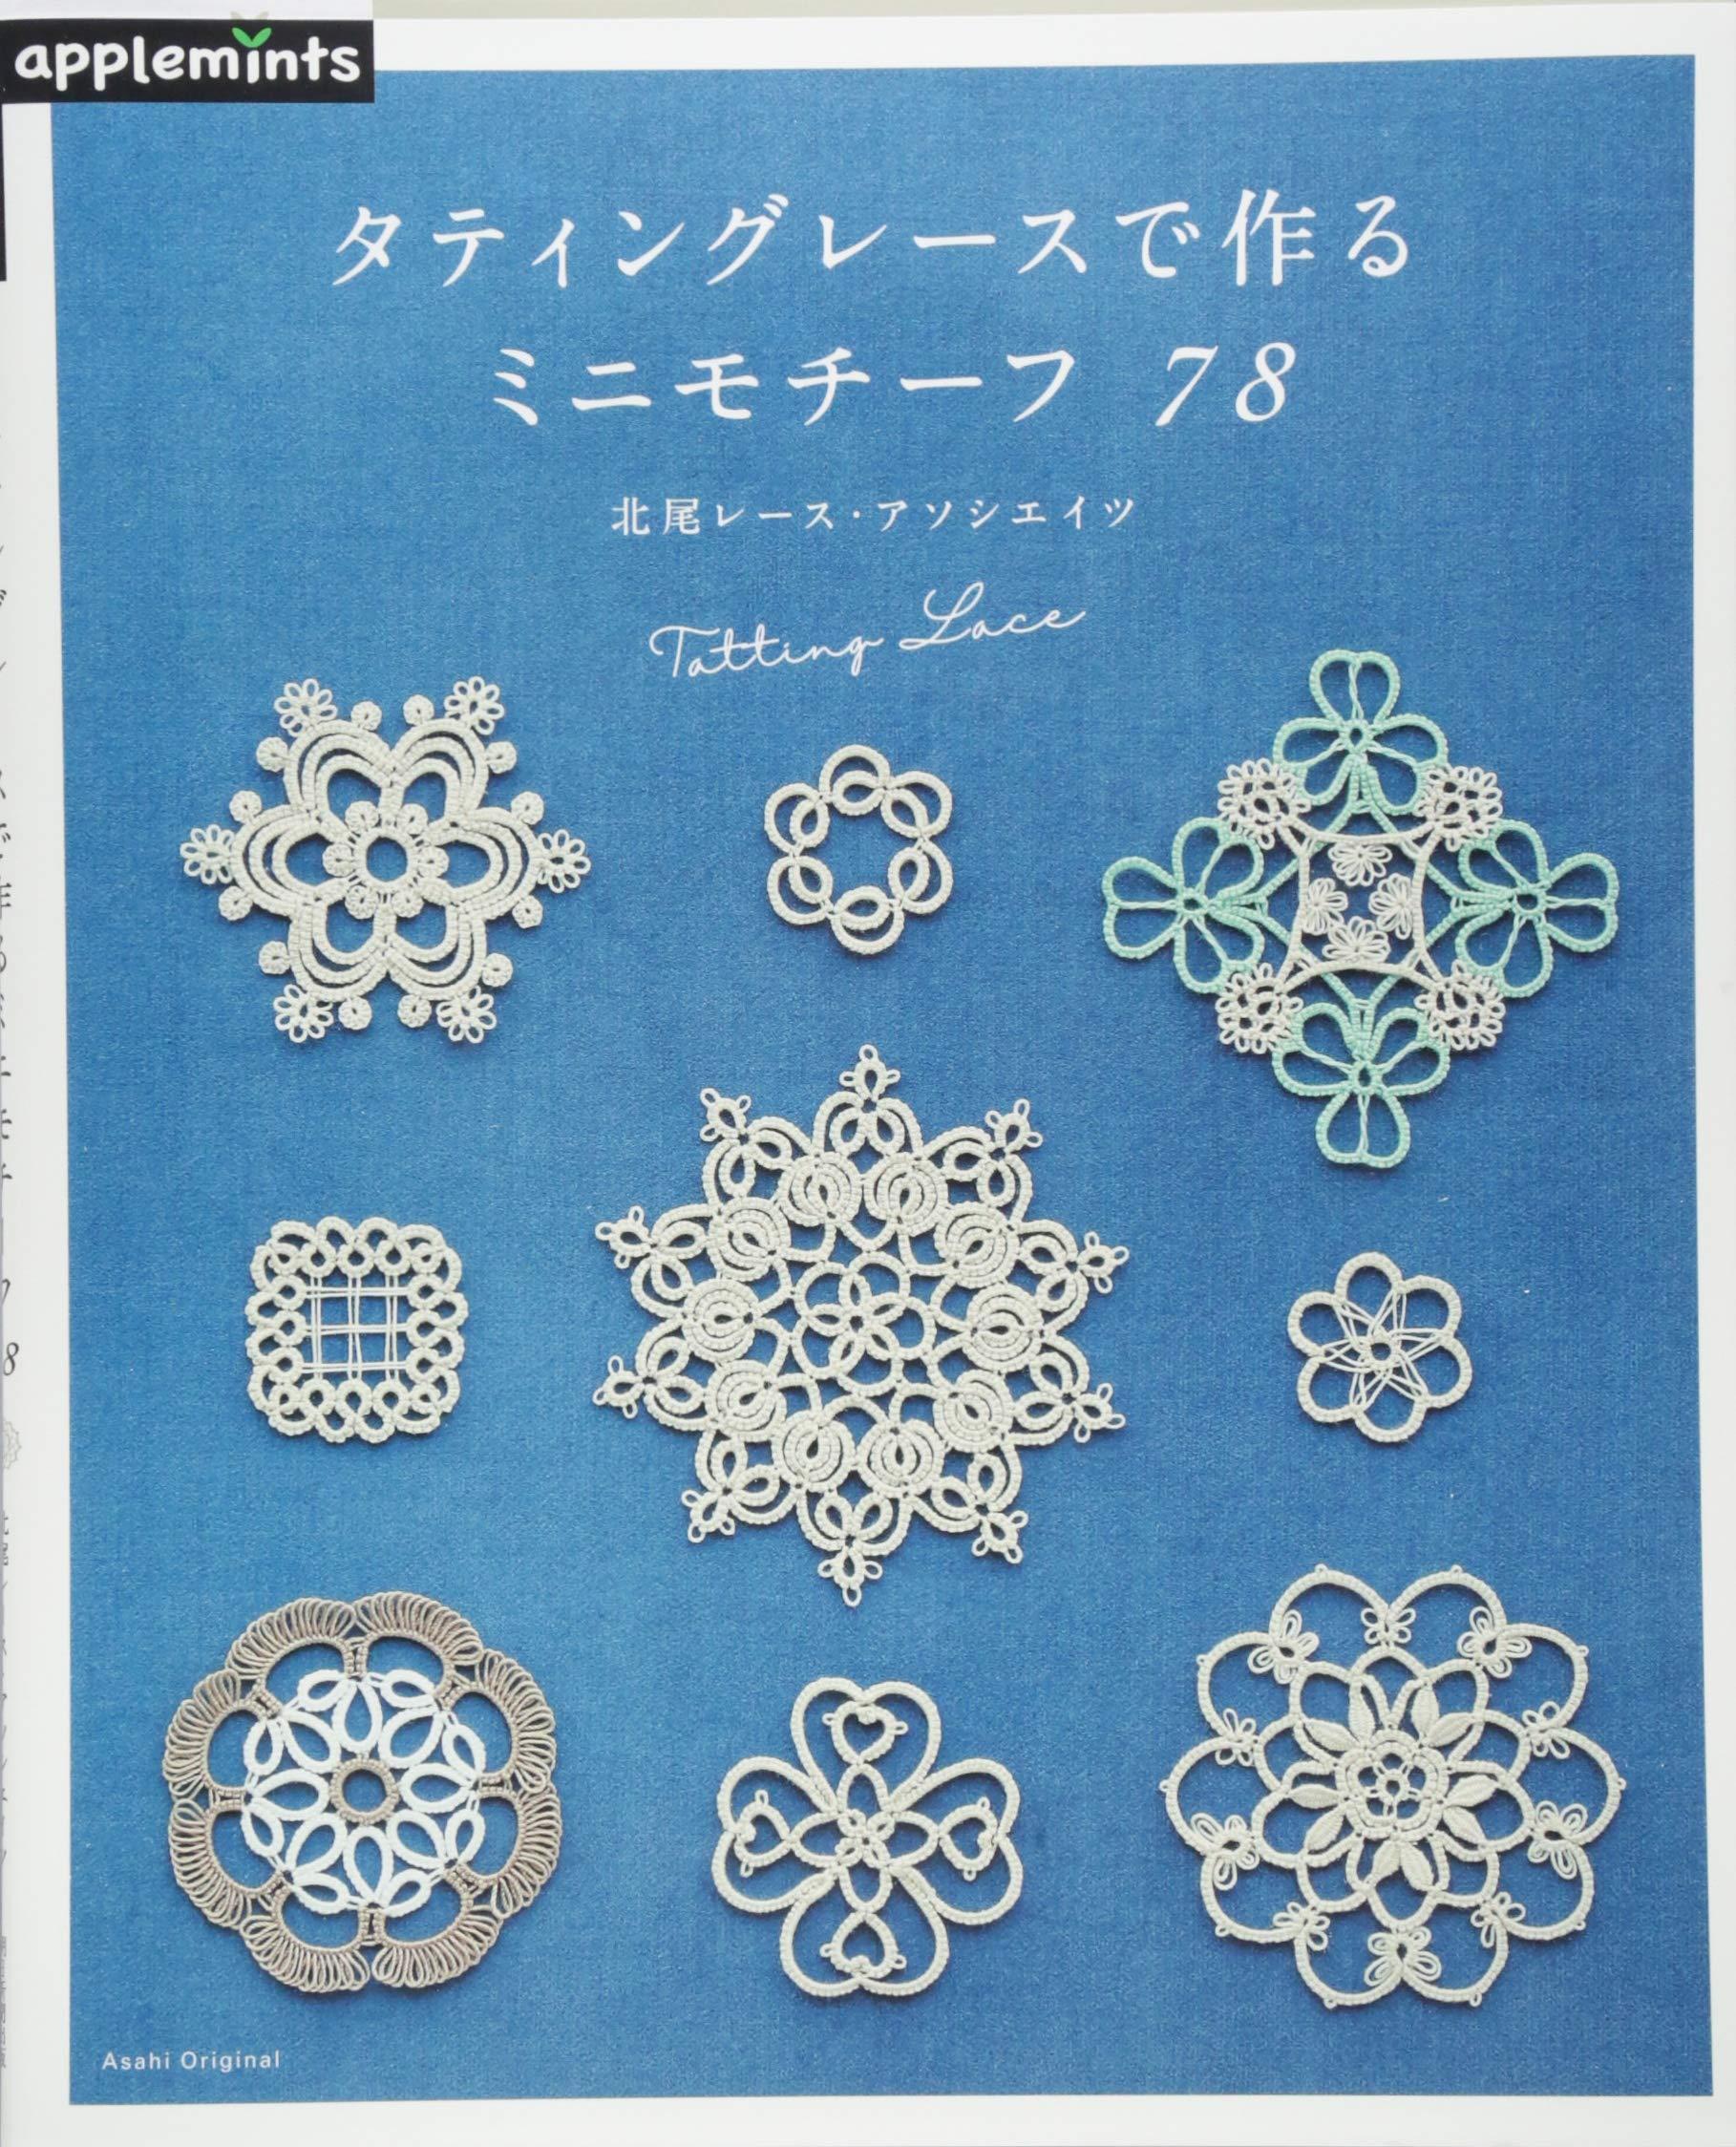 Tatting Lace Mini Motif 78 (Asahi Original)